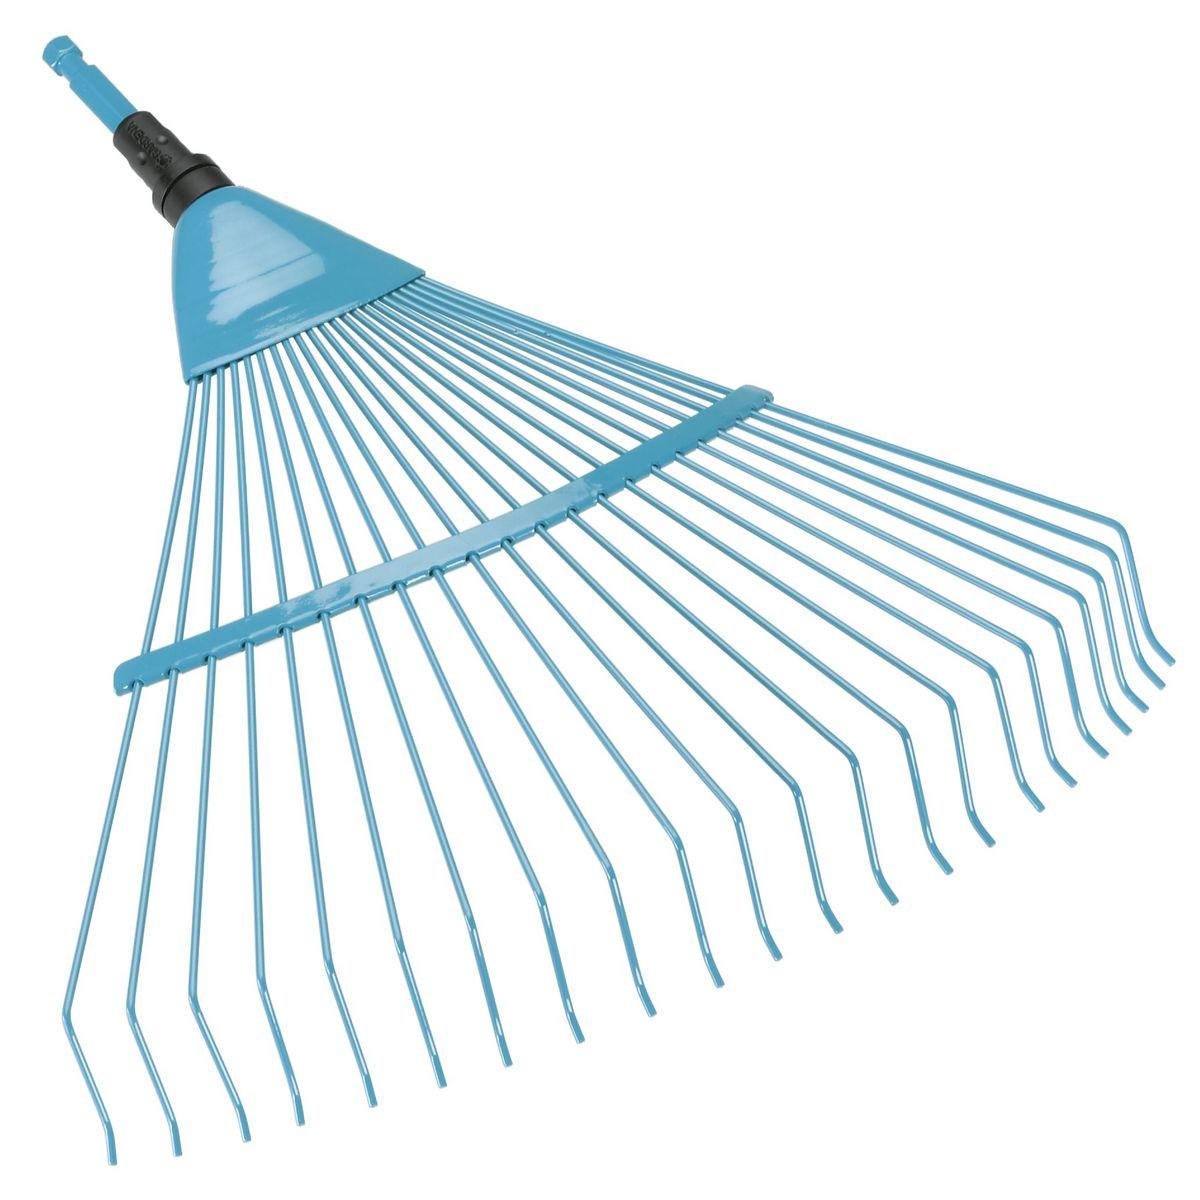 Грабли проволочные пружинящие Gardena, без ручкиRSP-202SГрабли проволочные пружинящие Gardena выполнены из высококачественной жесткой проволоки и высококачественной стали с покрытием из дюропласта, которое обеспечивает оптимальную защиту материала от коррозии. Грабли представляют собой идеальный инструмент для очистки и аэрации заболоченных участков газона. Прочные проволочные зубья и большая рабочая ширина обеспечивают быстрое и эффективное выполнение работы. Грабли могут использоваться с любой ручкой, однако рекомендуется использовать ручку длиной 130 см, в зависимости от роста пользователя. Рабочая ширина: 50 см.